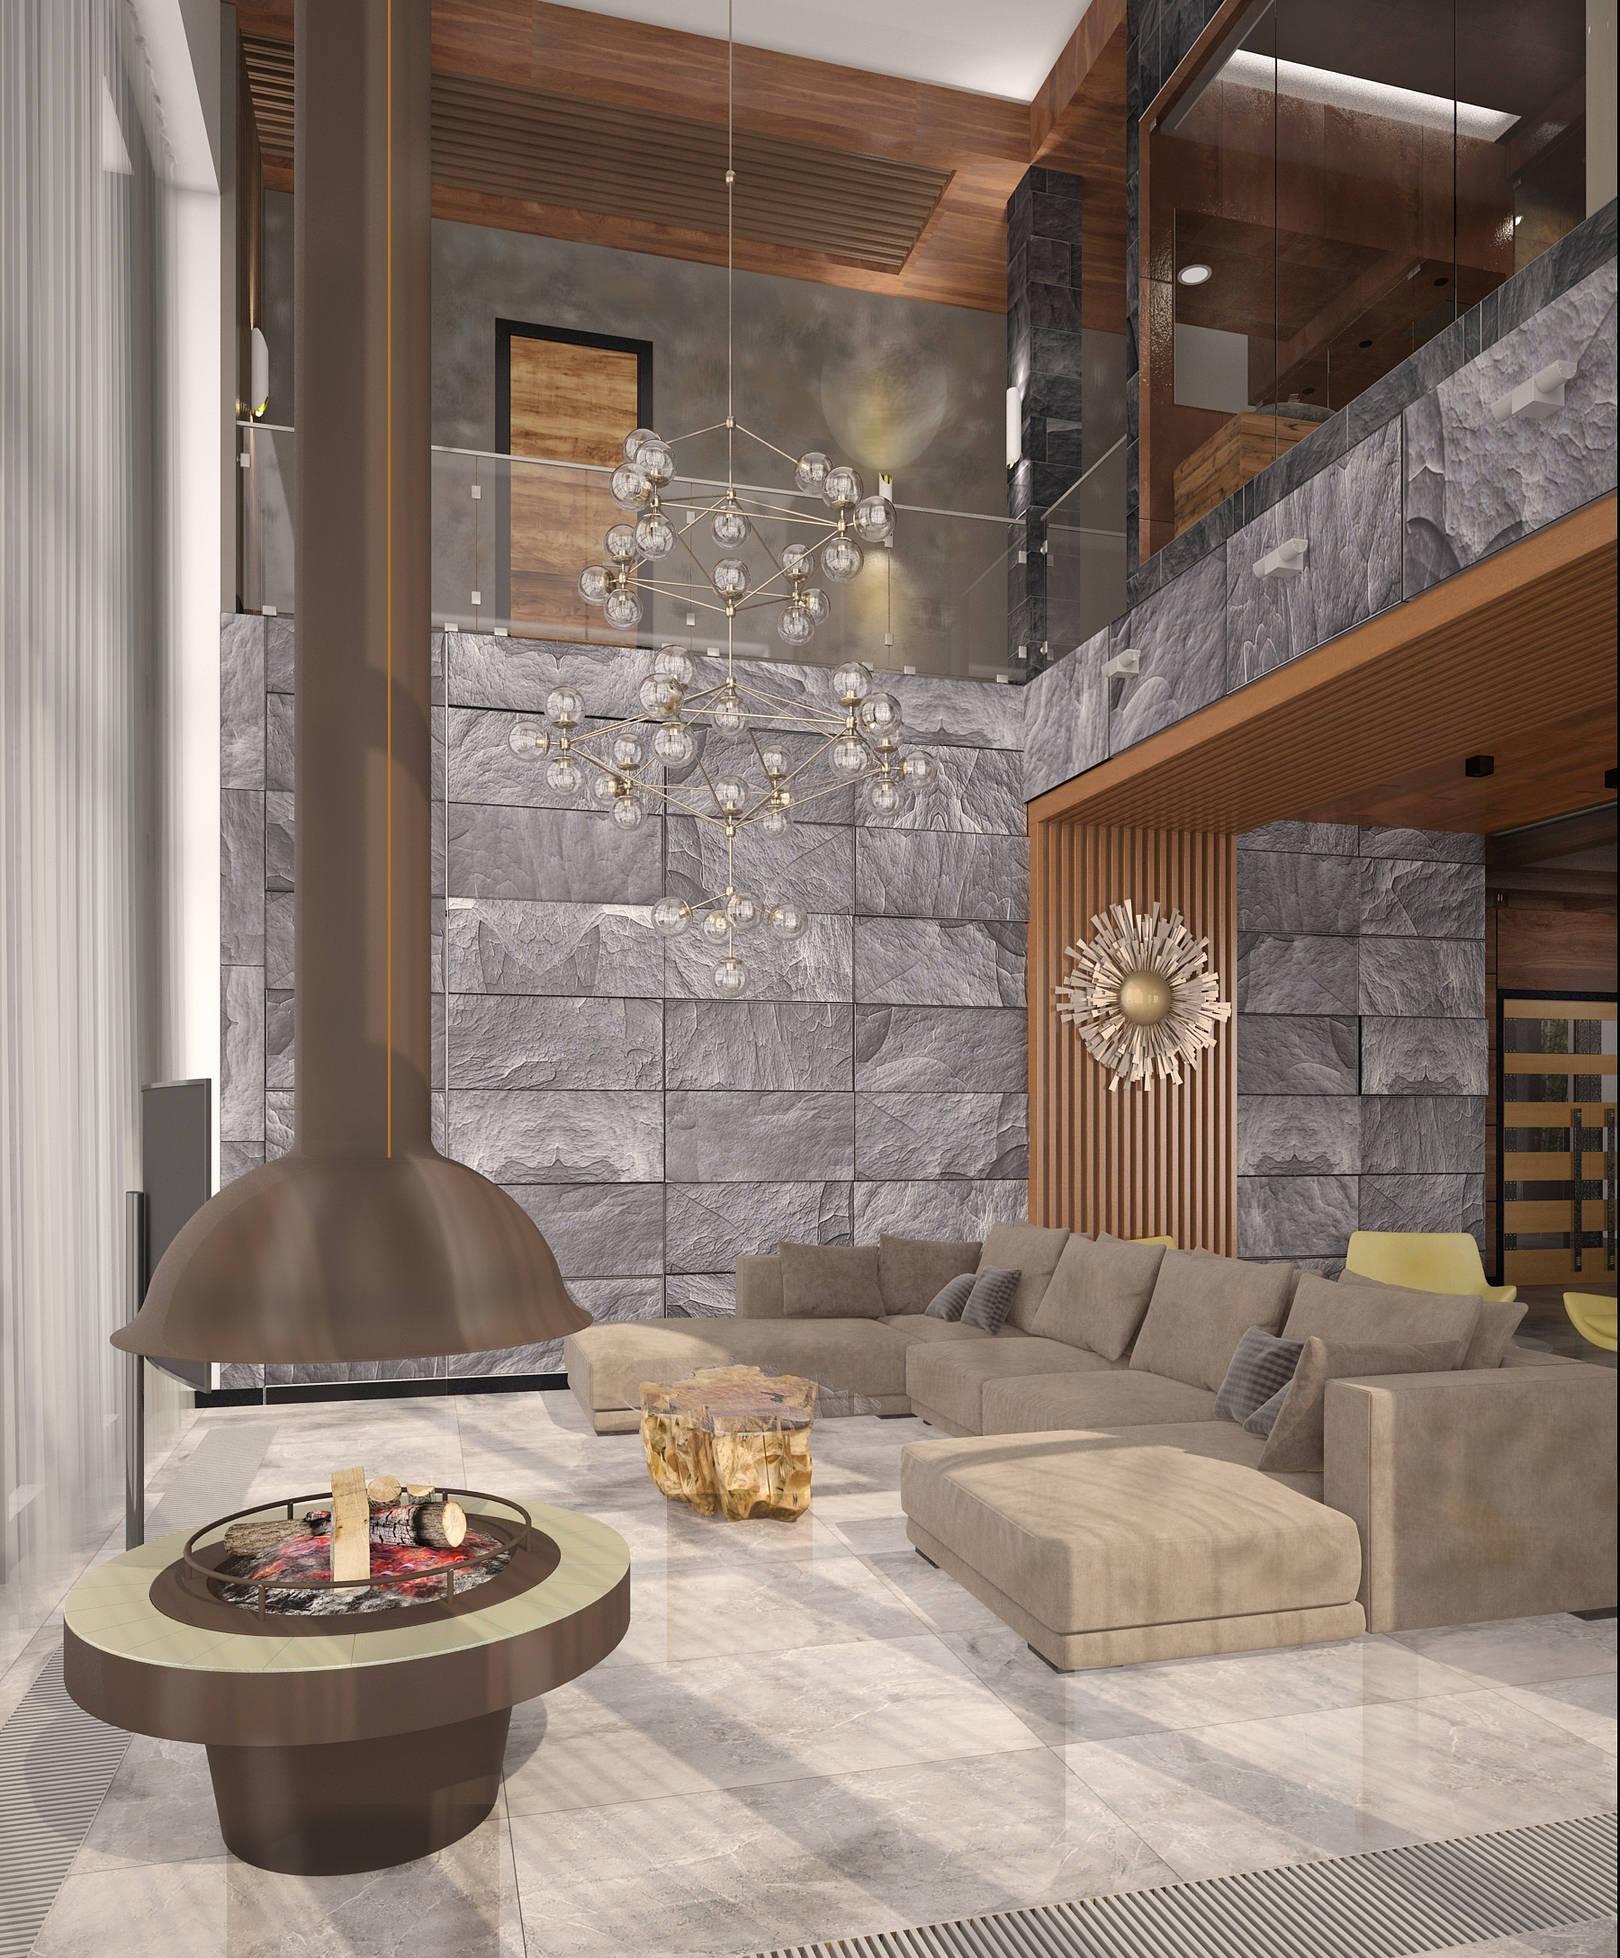 Камин это современное стильное устройства для обогрева дома